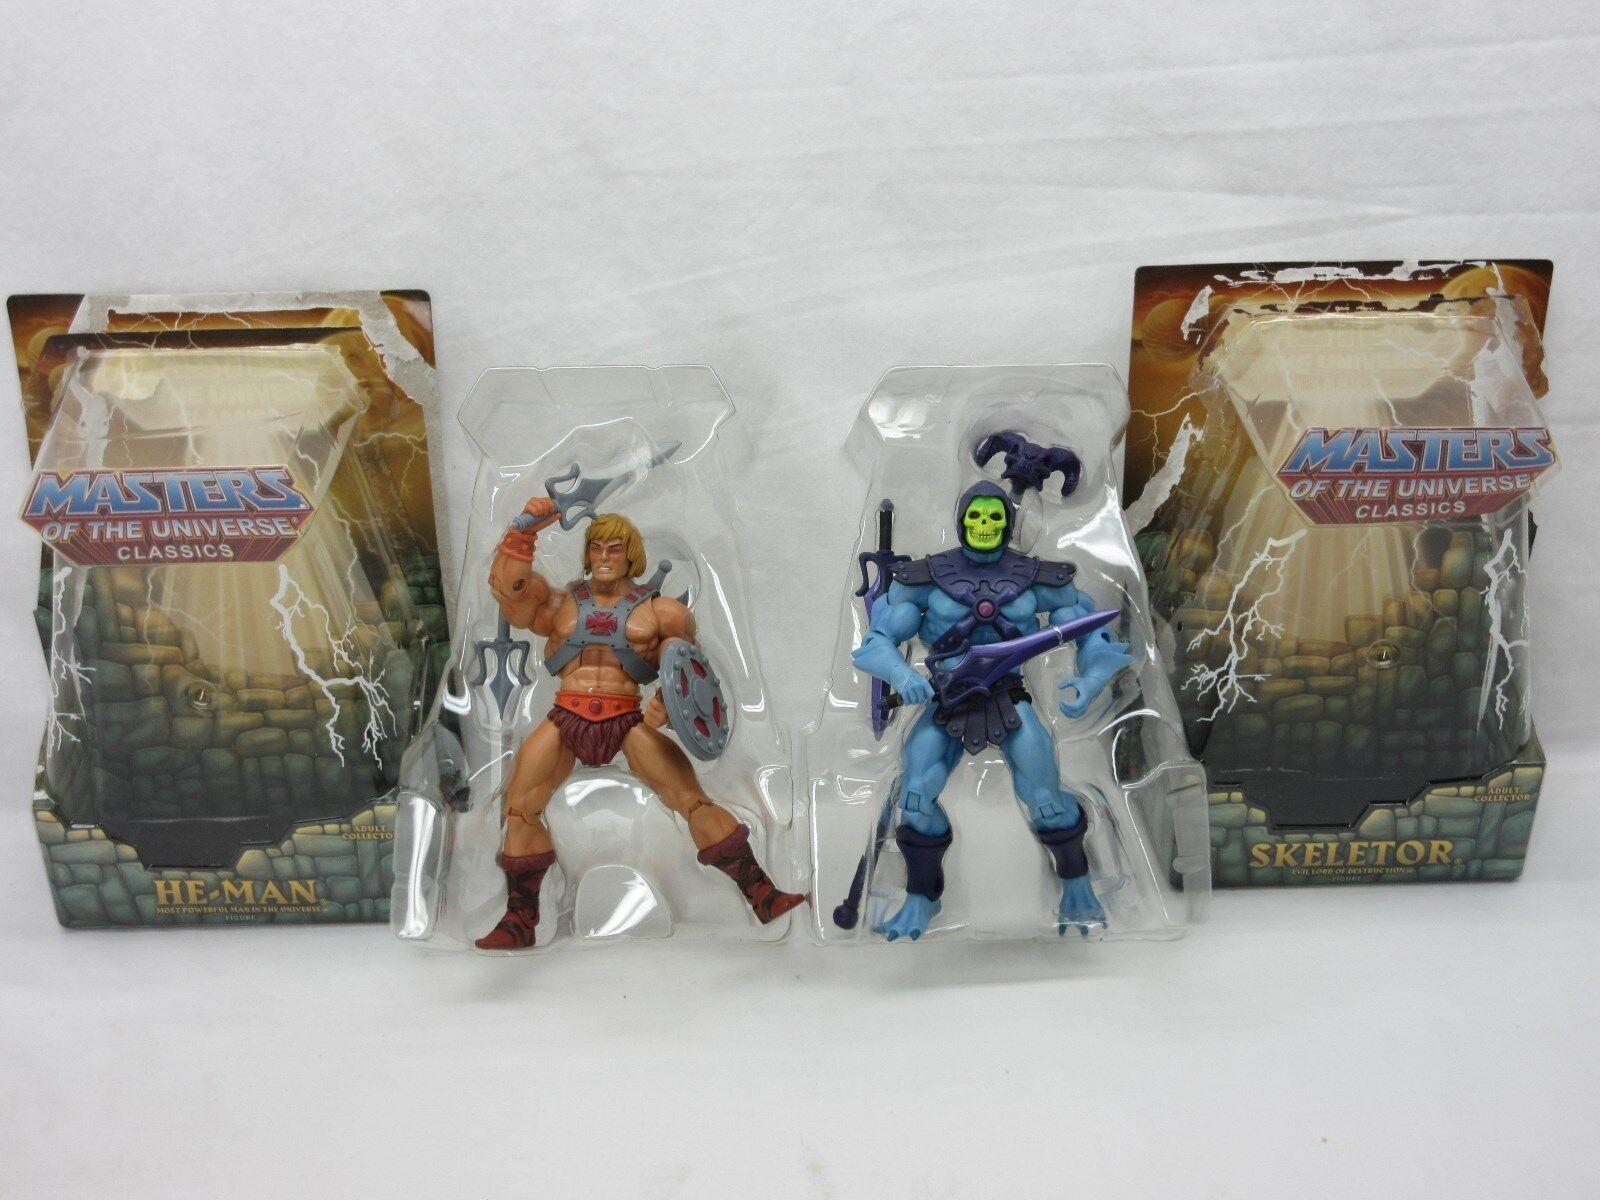 Motuc, Amos del universo, He-man & Skeletor, menta, amos del universo clásicos, Completa, MIB